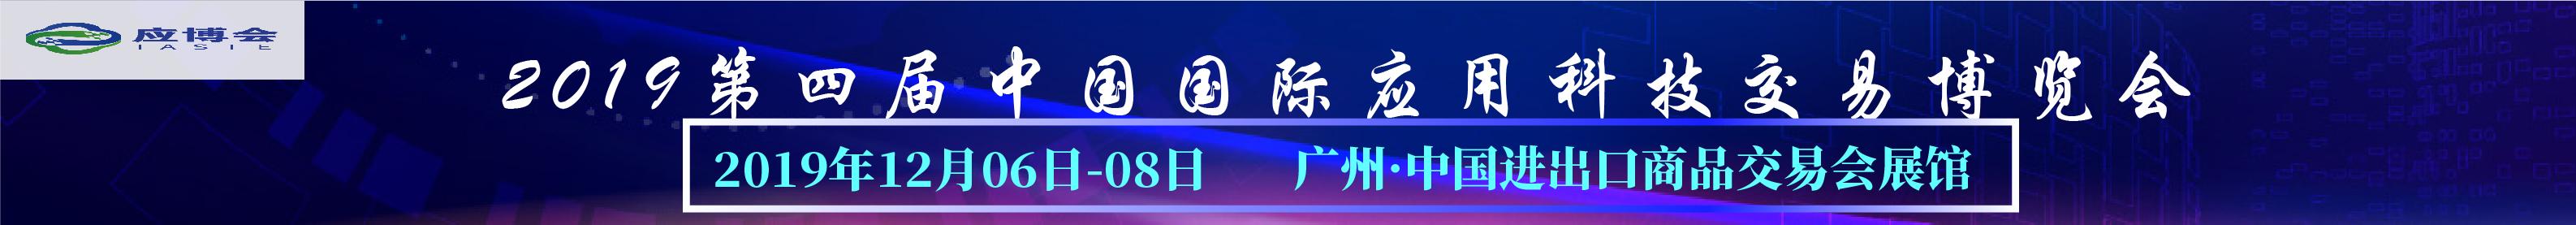 2019.12.6广州机器人展1158x100